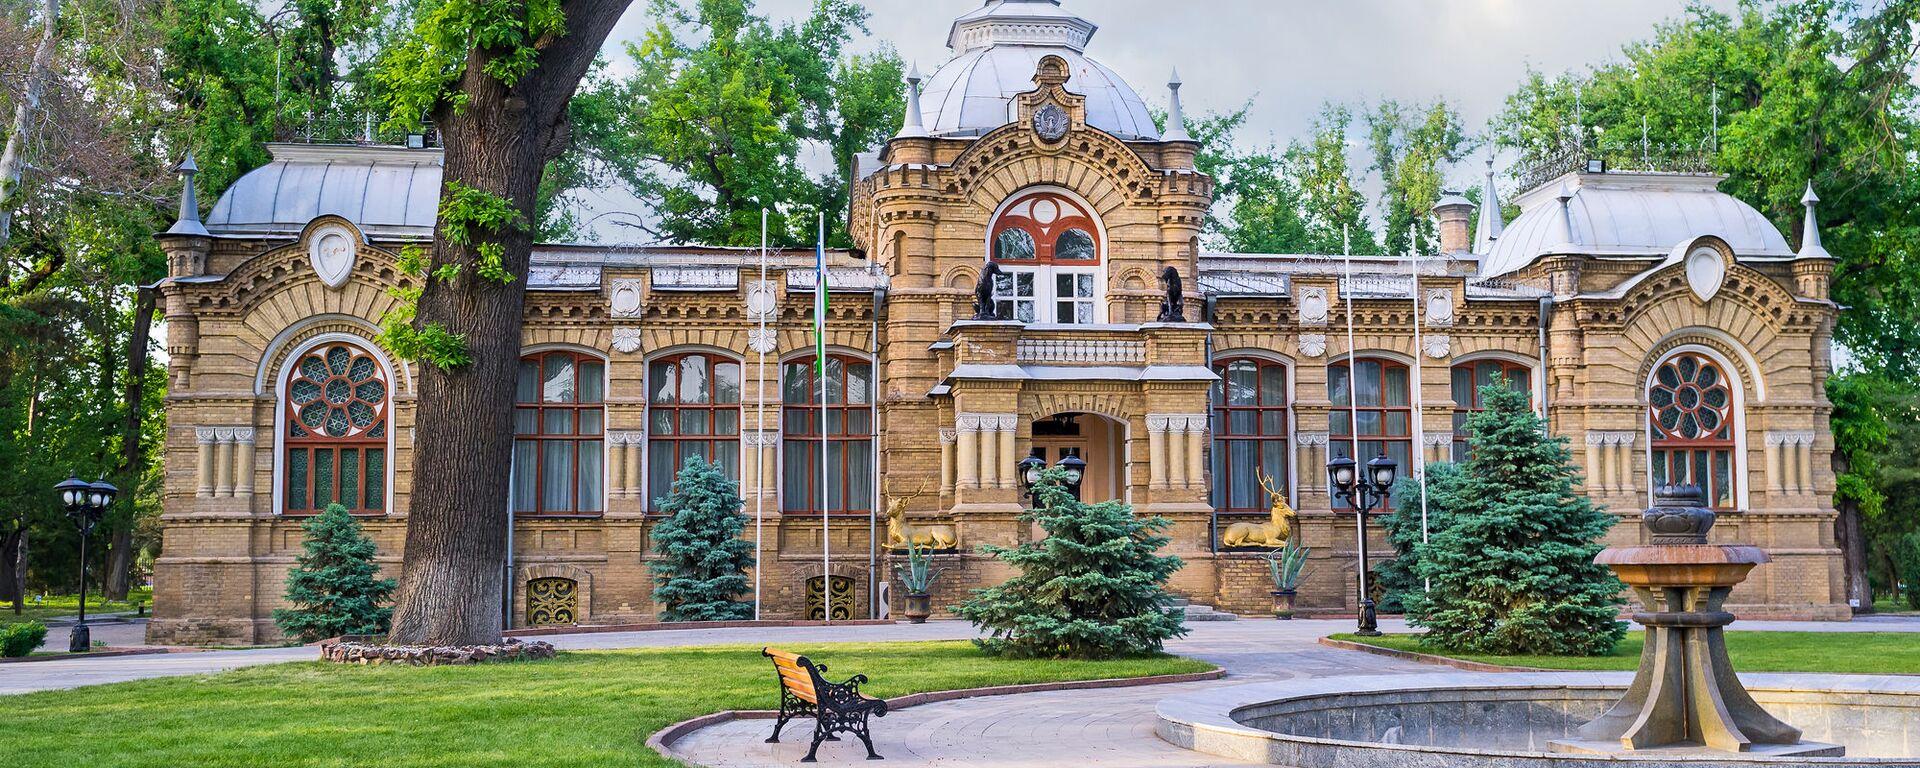 Бывшая резиденция Романовых в Ташкенте, Узбекистан - Sputnik Ўзбекистон, 1920, 27.05.2019